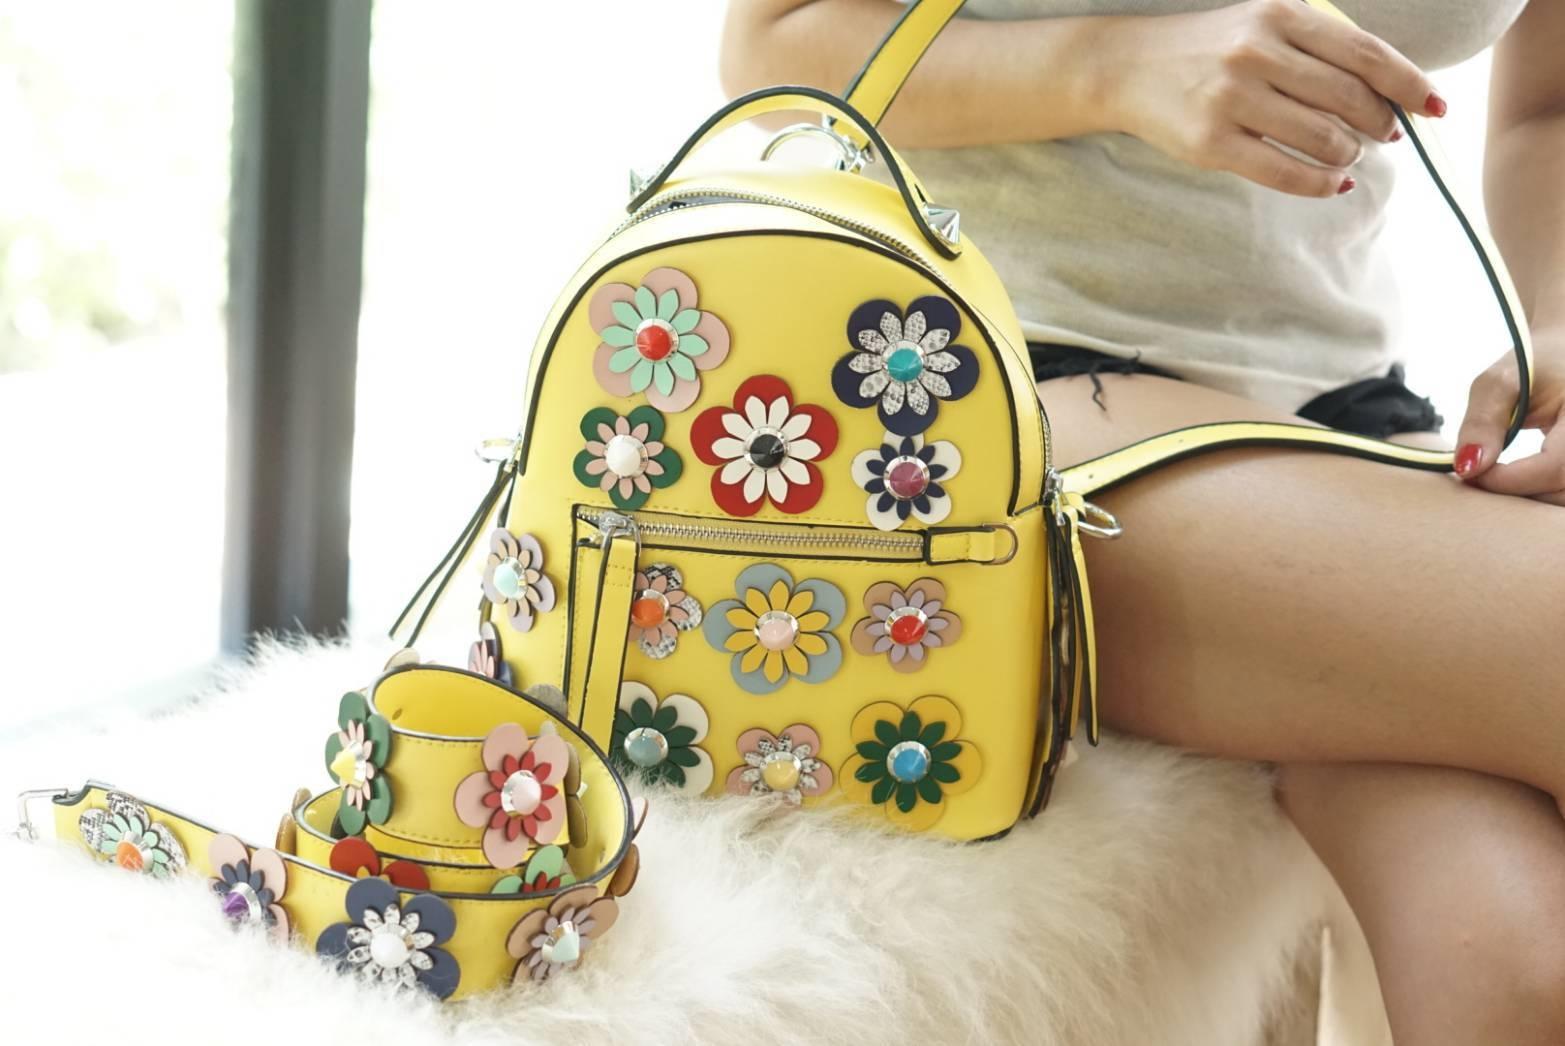 กระเป๋าเป้แฟชั่น สไตล์ Fendi floral studded backpack สะพายได้ 2 แบบ แบบเป้และสะพายข้าง สดใสน่าใช้มาก สะพายกับชุดเรียบๆ คือเก๋เด่นมาก งานละเอียด สนใจทุกรายละเอียด มีสายสะพายให้ 3 เส้น เส้นคู่เรียบสองเส้นไว้สลับสะพายเป็นเป้ หรือสะพายข้างก็ได้ ส่วนสายอีกเส้น